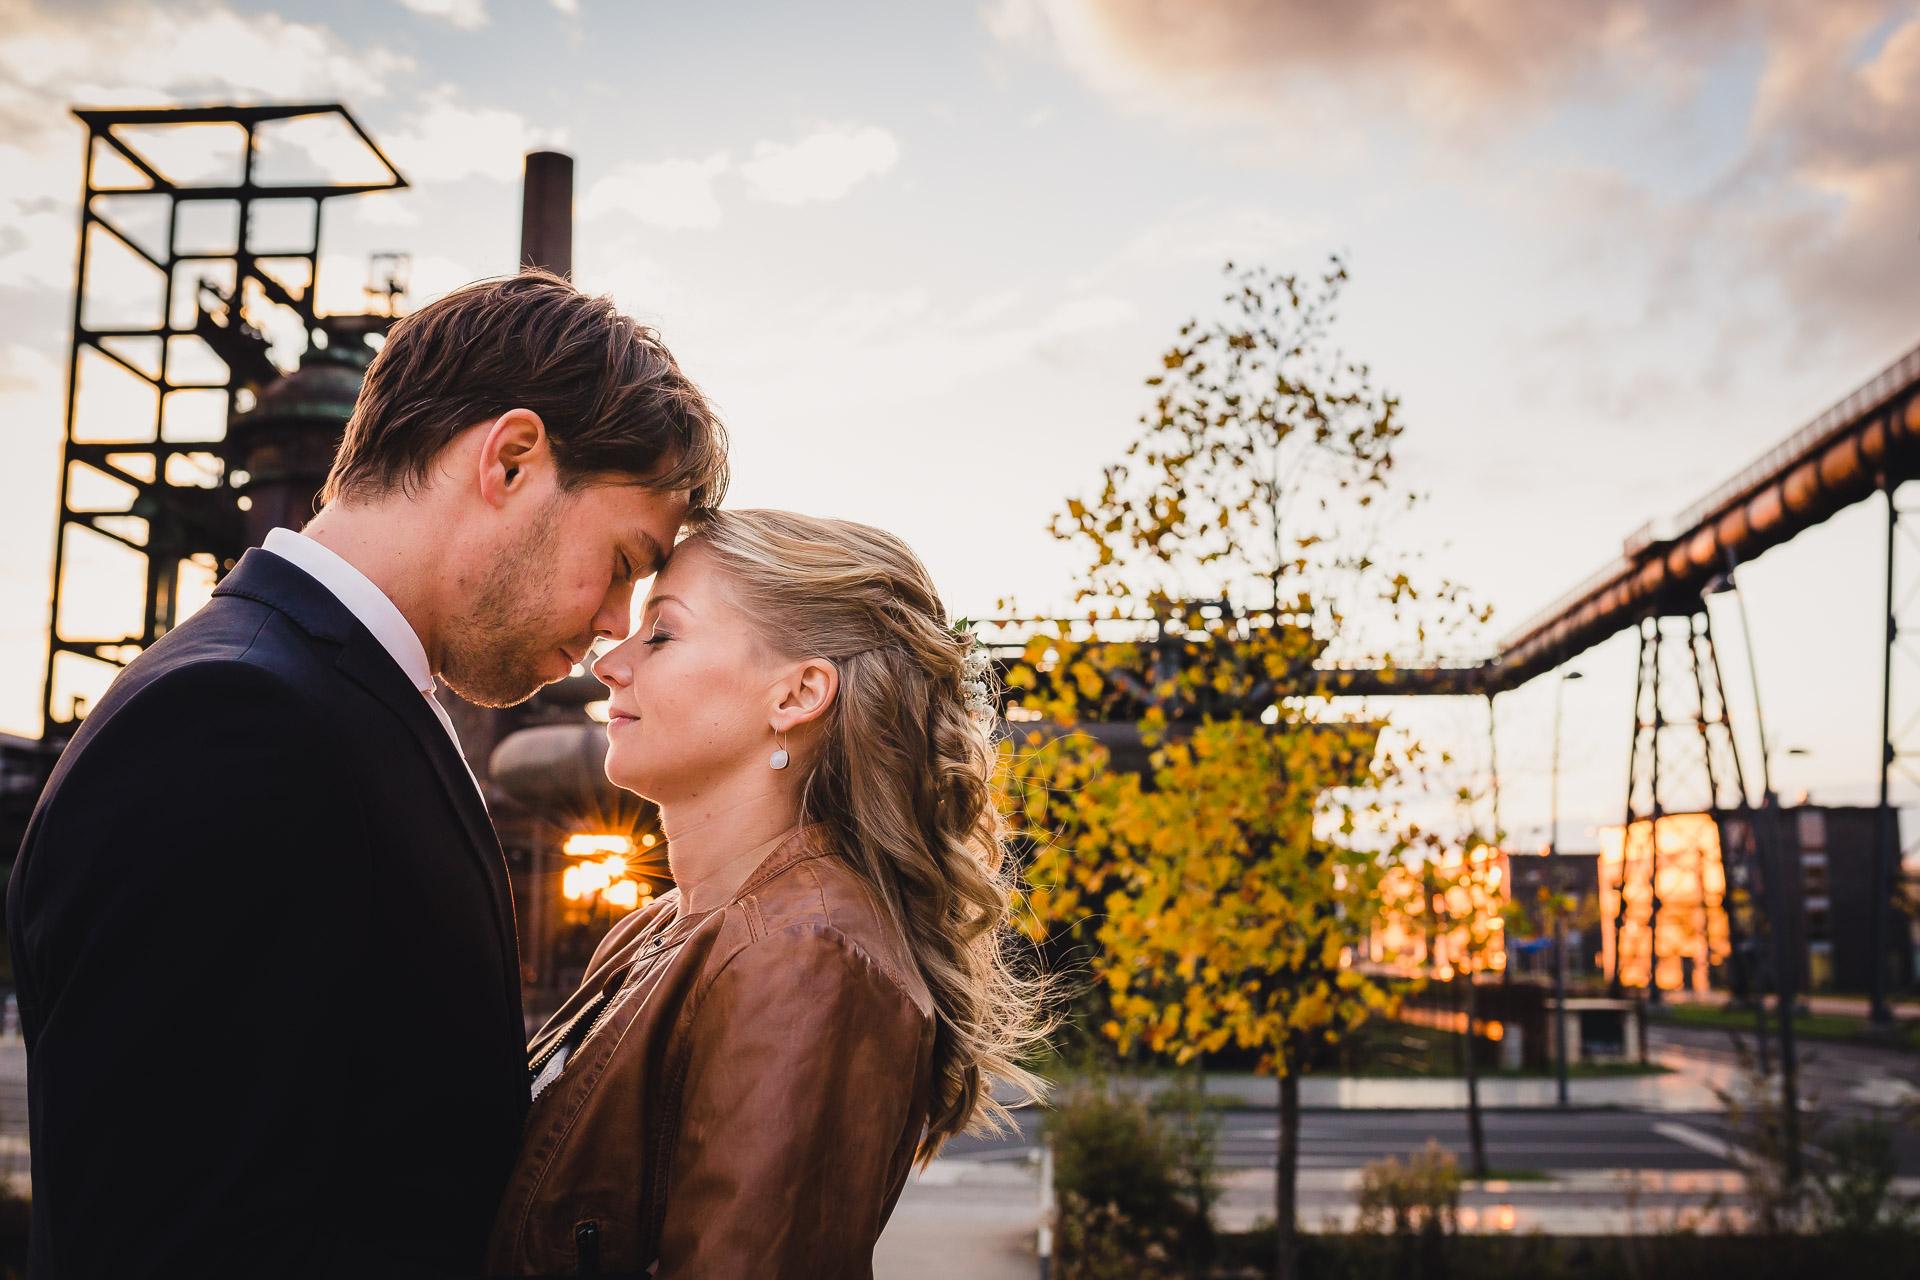 Hochzeitsfotograf Dortmund Hochzeitsfotos Brautpaar Fotoshooting Phoenix West Dortmund